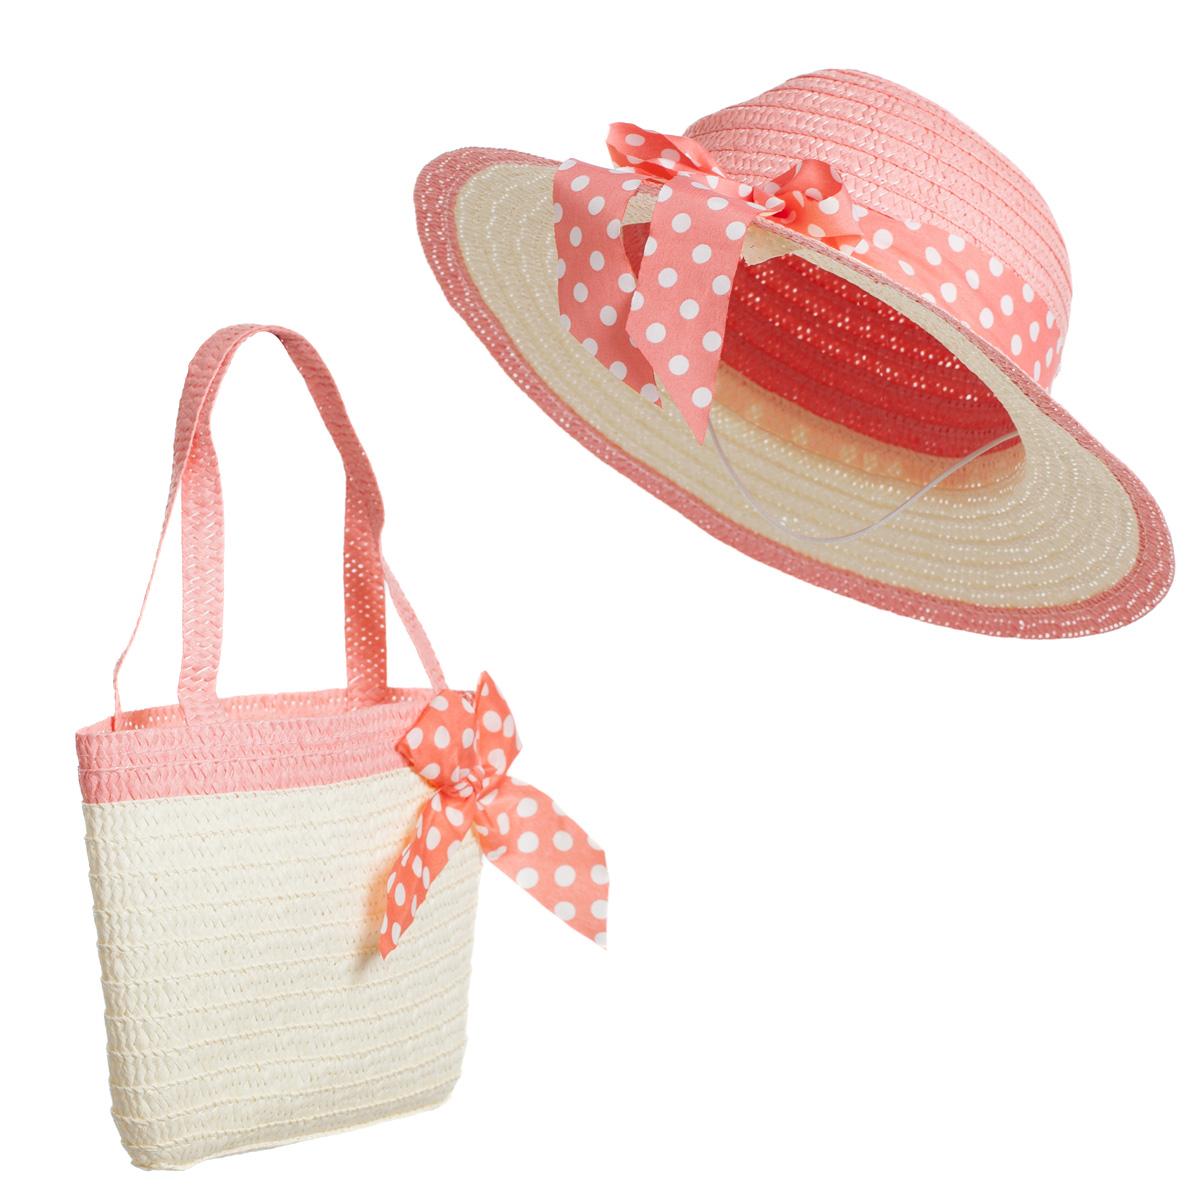 Набор (Шляпа+Сумка) Summerhit, 39190-21